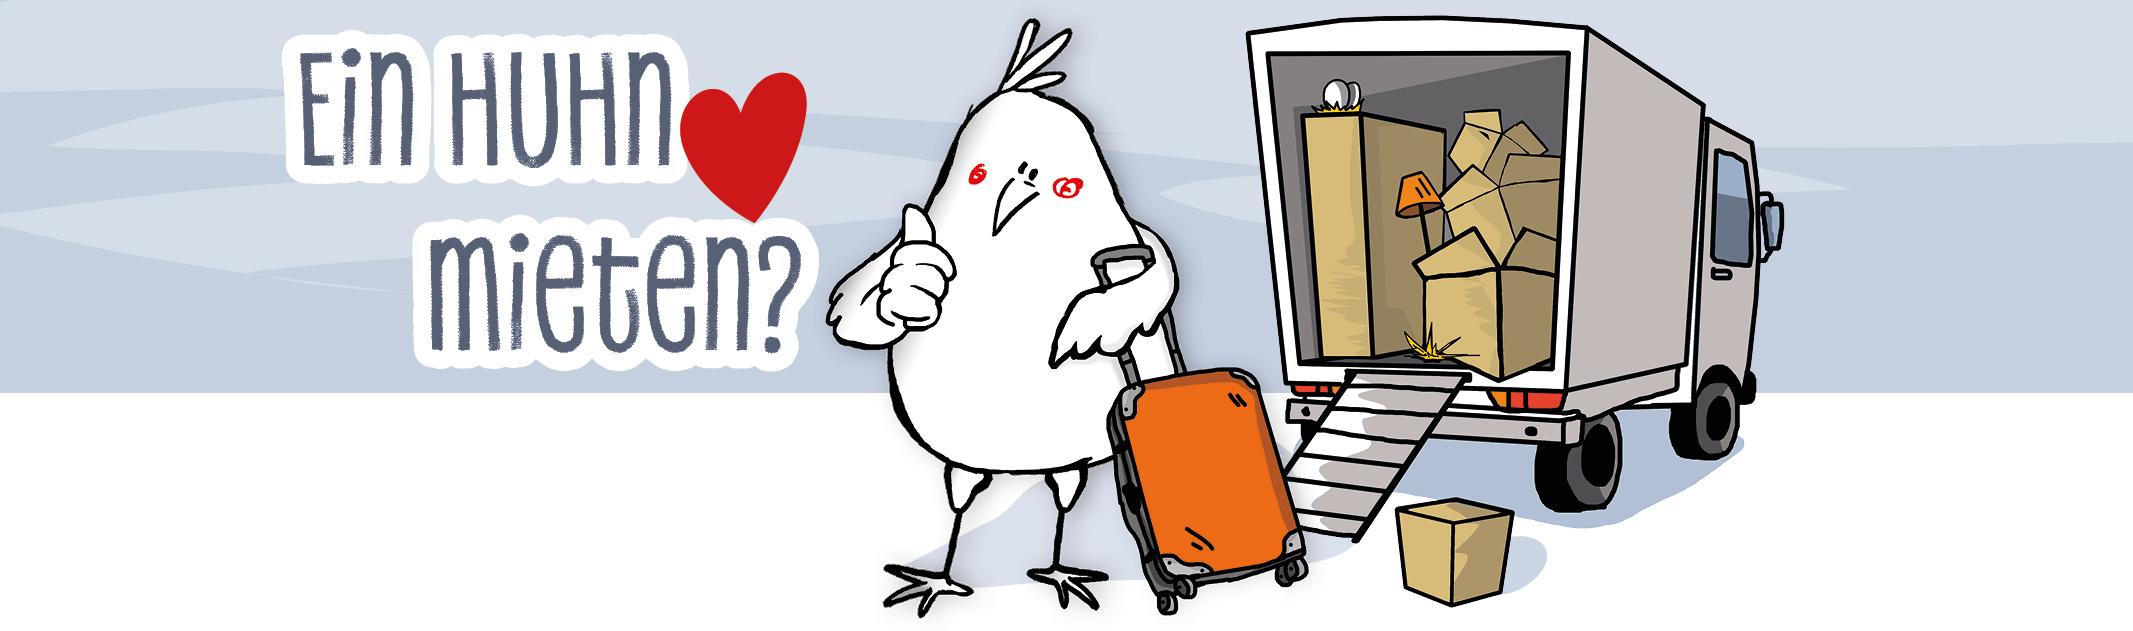 Auf´s Huhn kommen: Hühner mieten & Hühnerpatenschaft